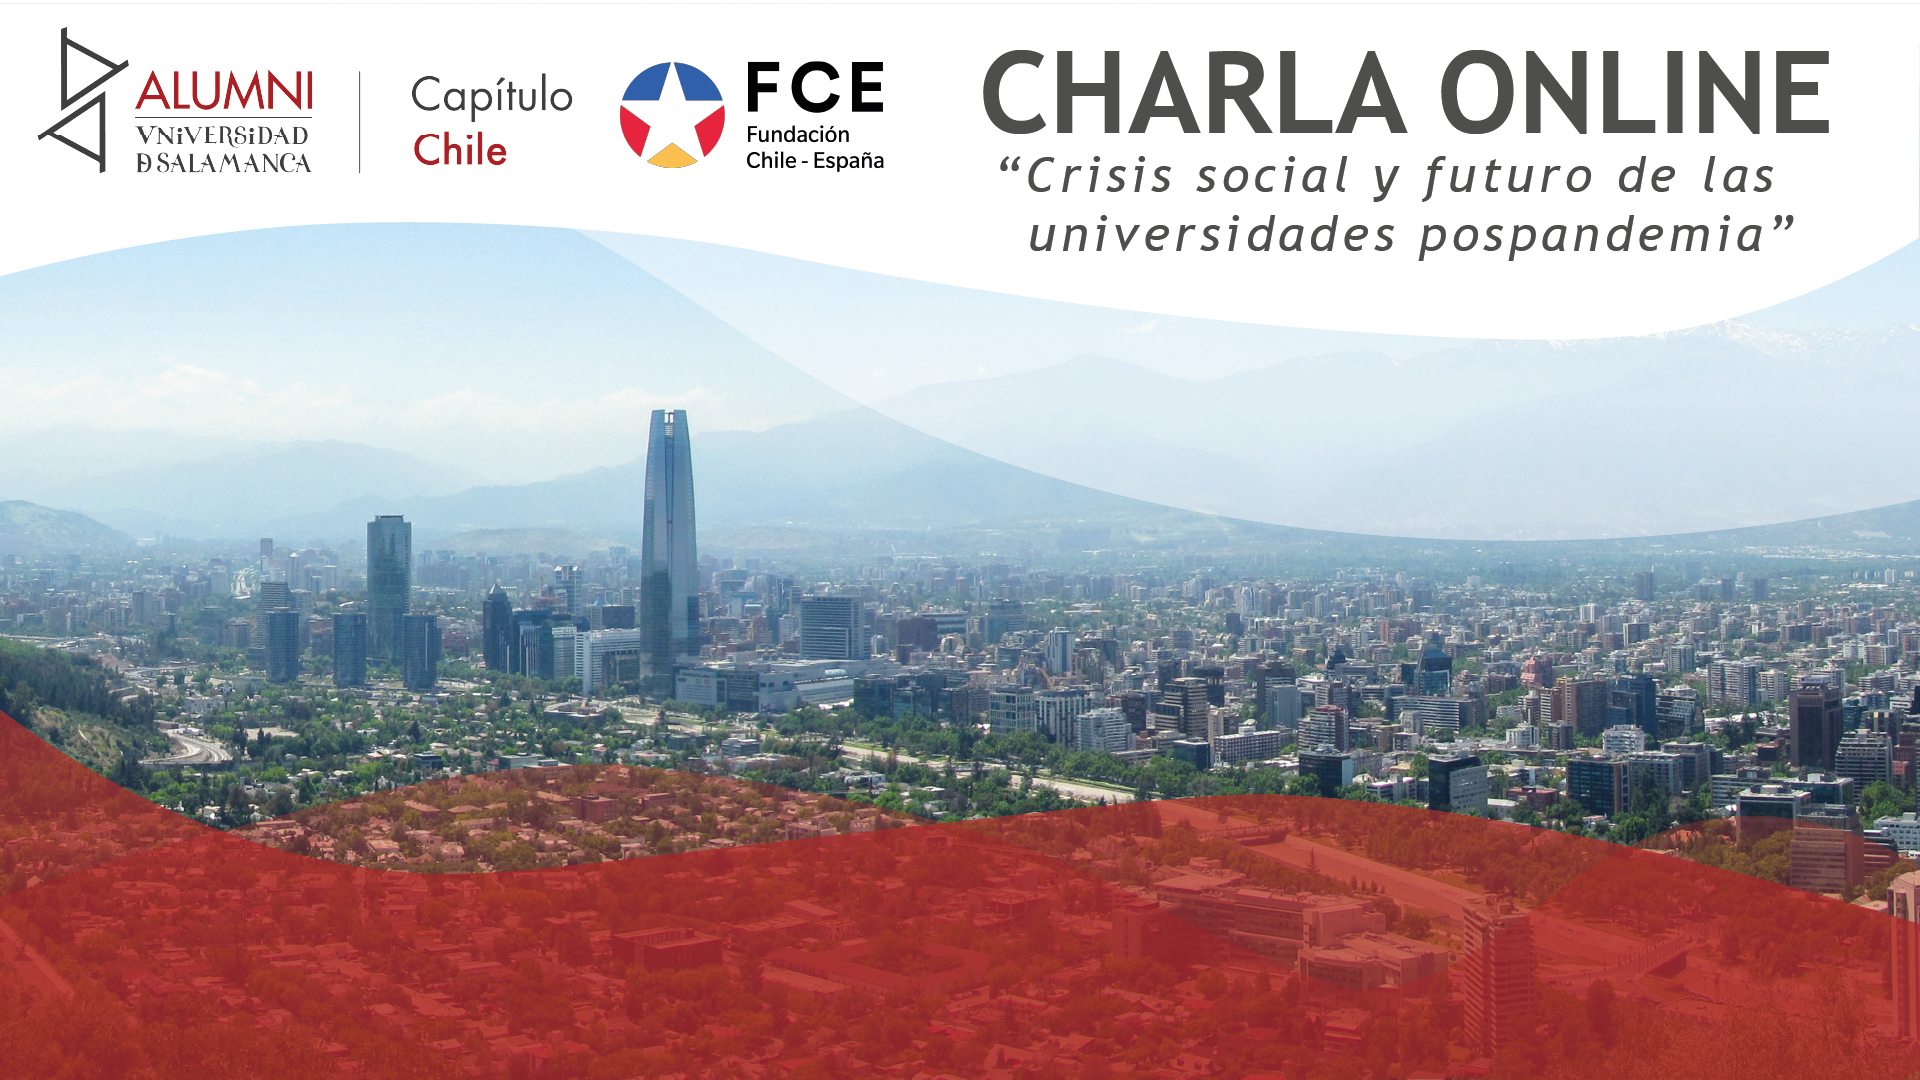 """Capítulo Chile: """"Crisis social y futuro de las universidades pospandemia"""""""